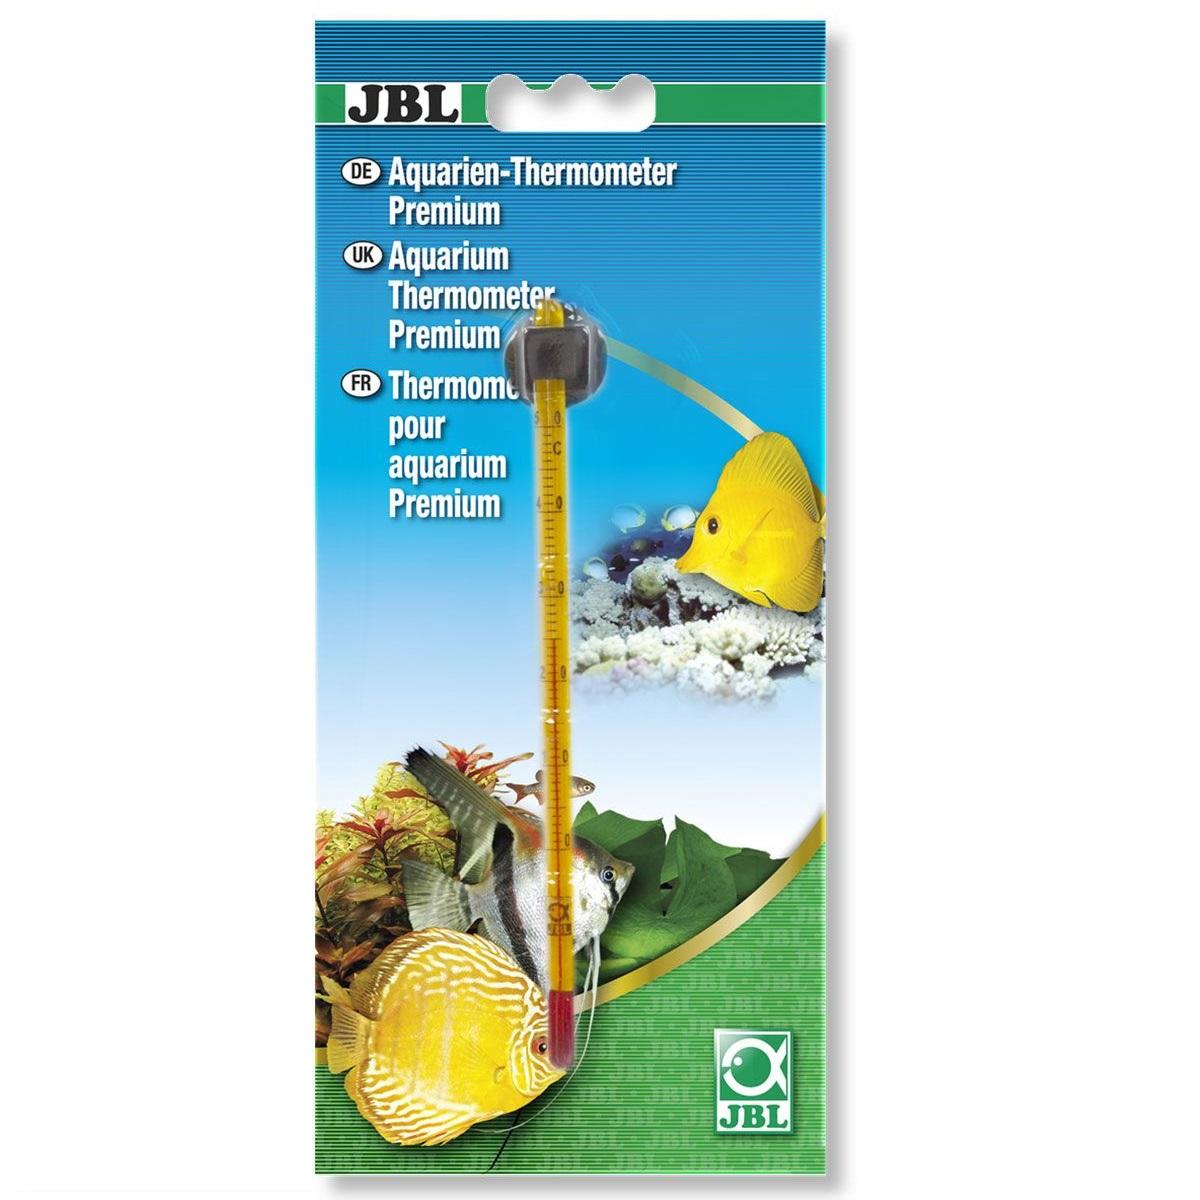 Термометр для аквариума JBL Aquarien Thermometer Premium